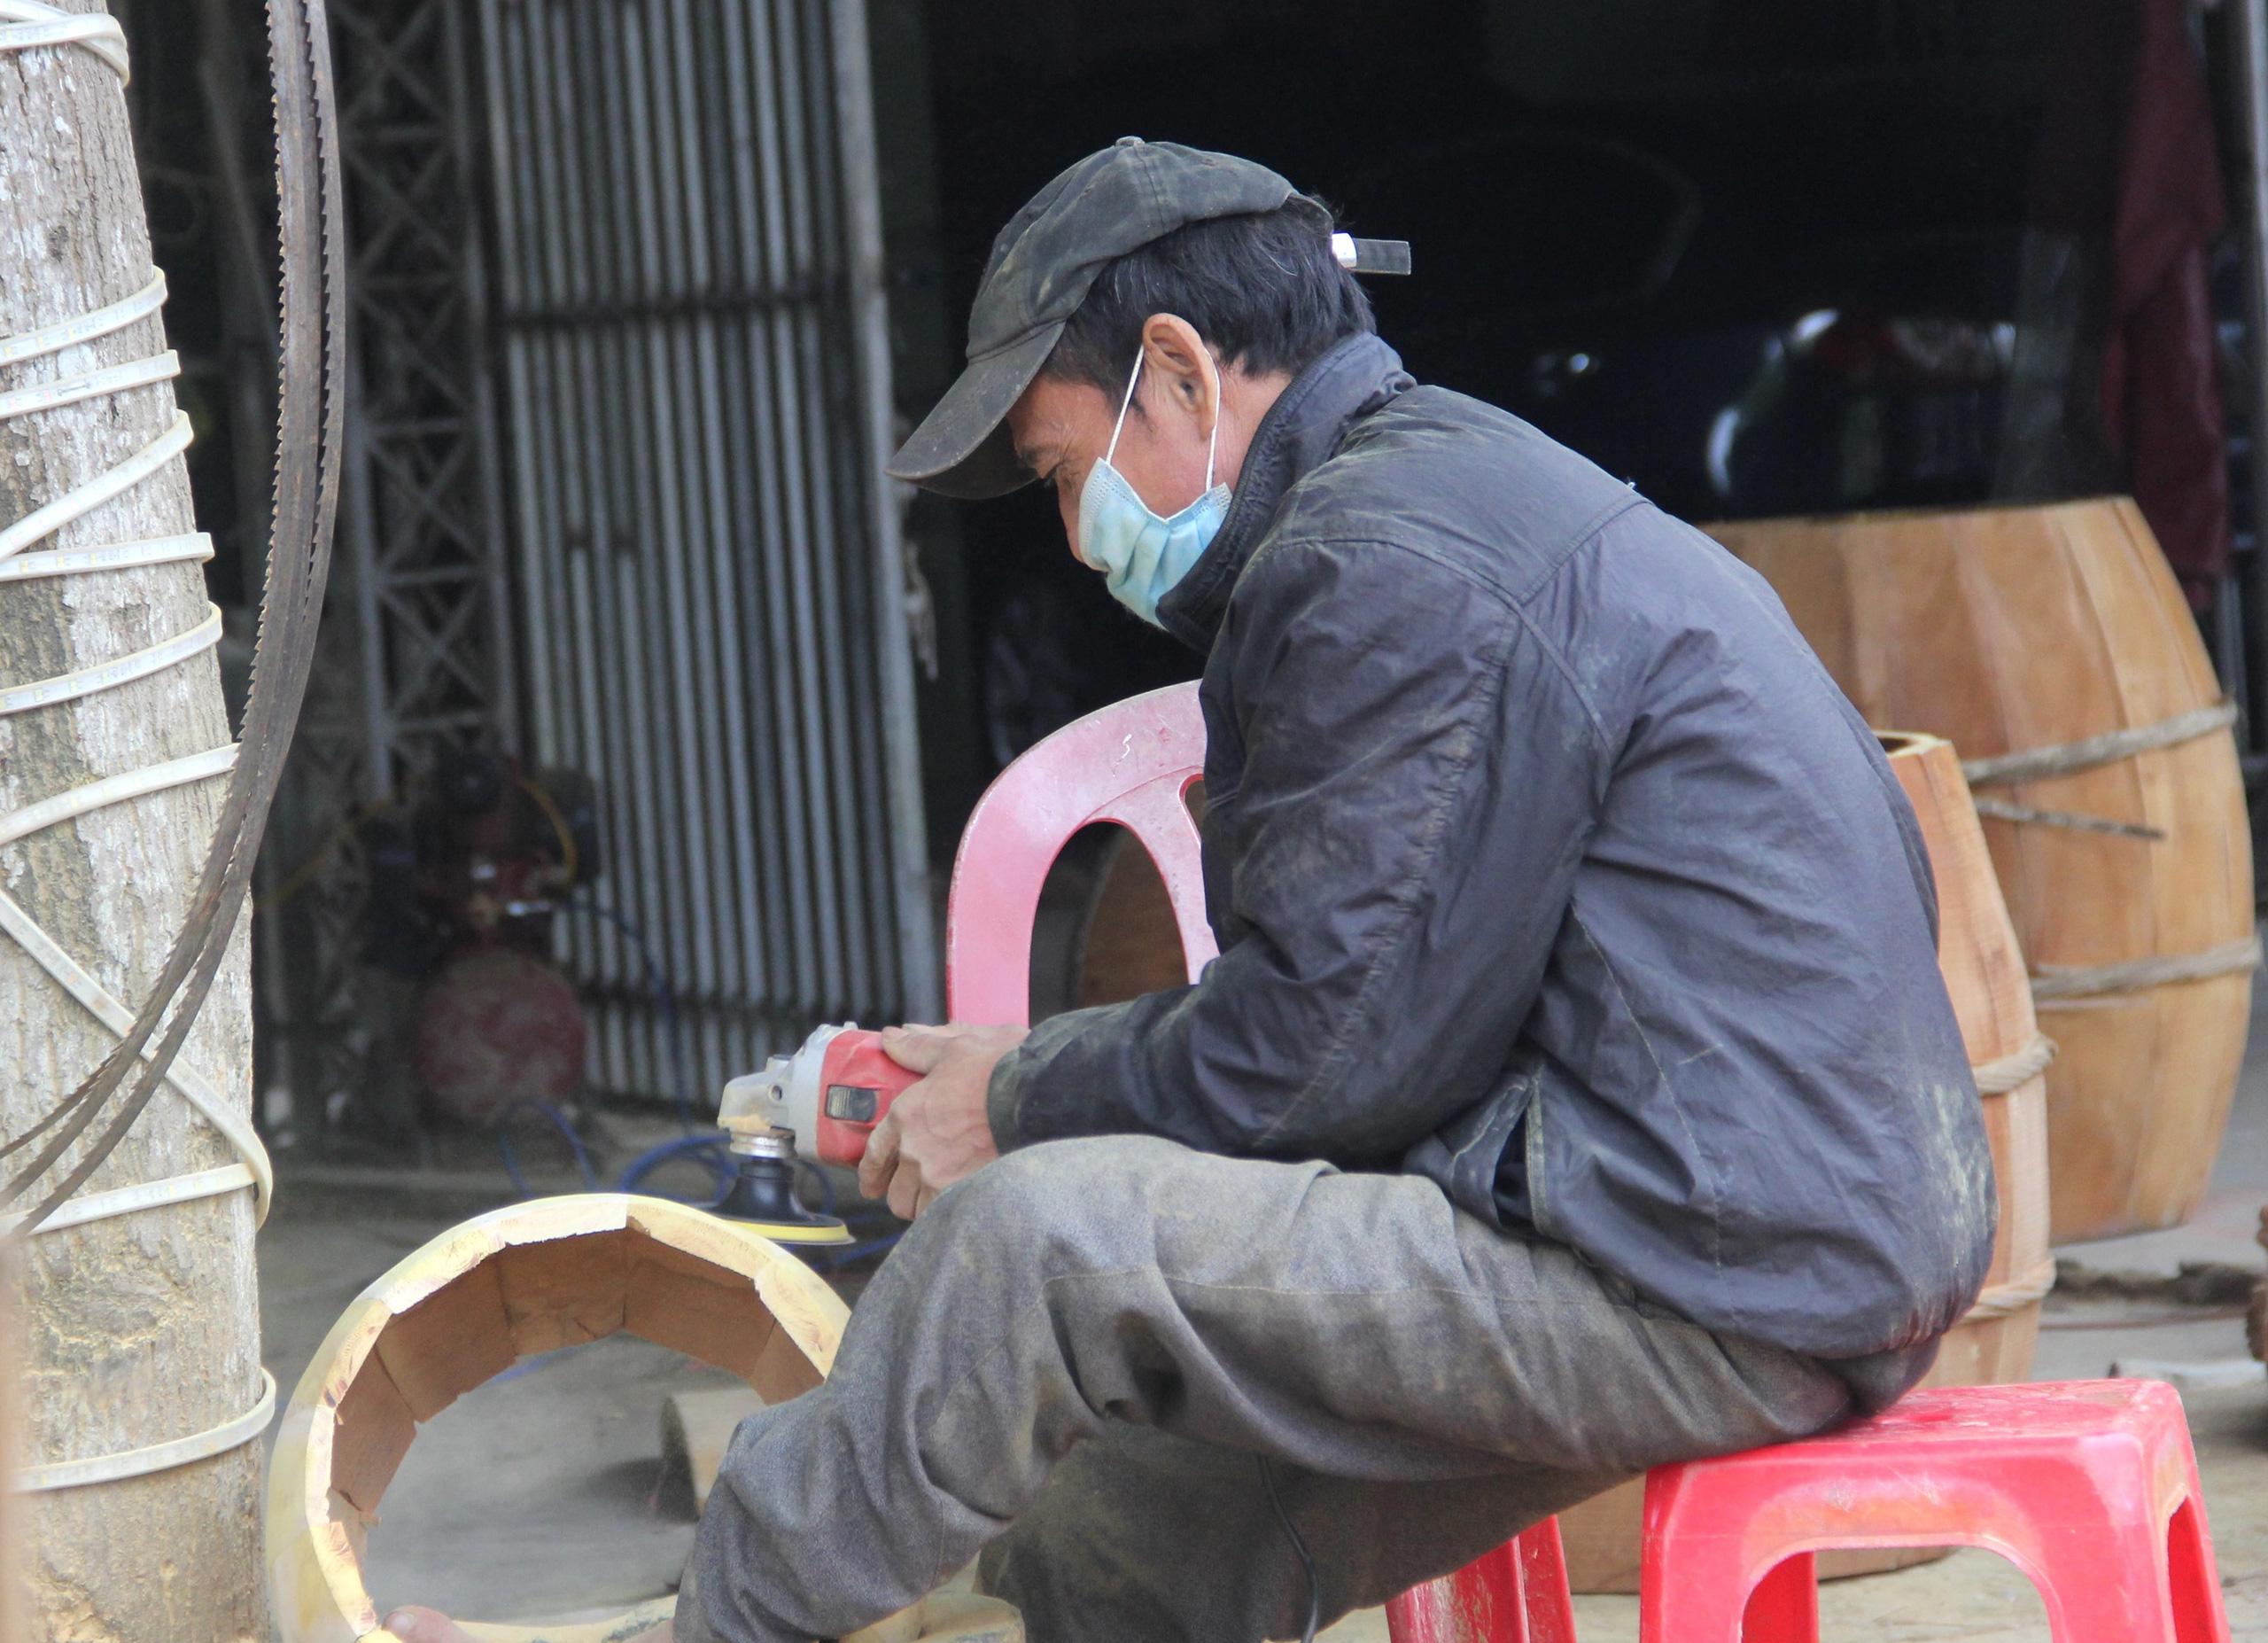 Cận cảnh quá trình thuộc da trâu, bò làm trống của những người thợ tài hoa - Ảnh 4.